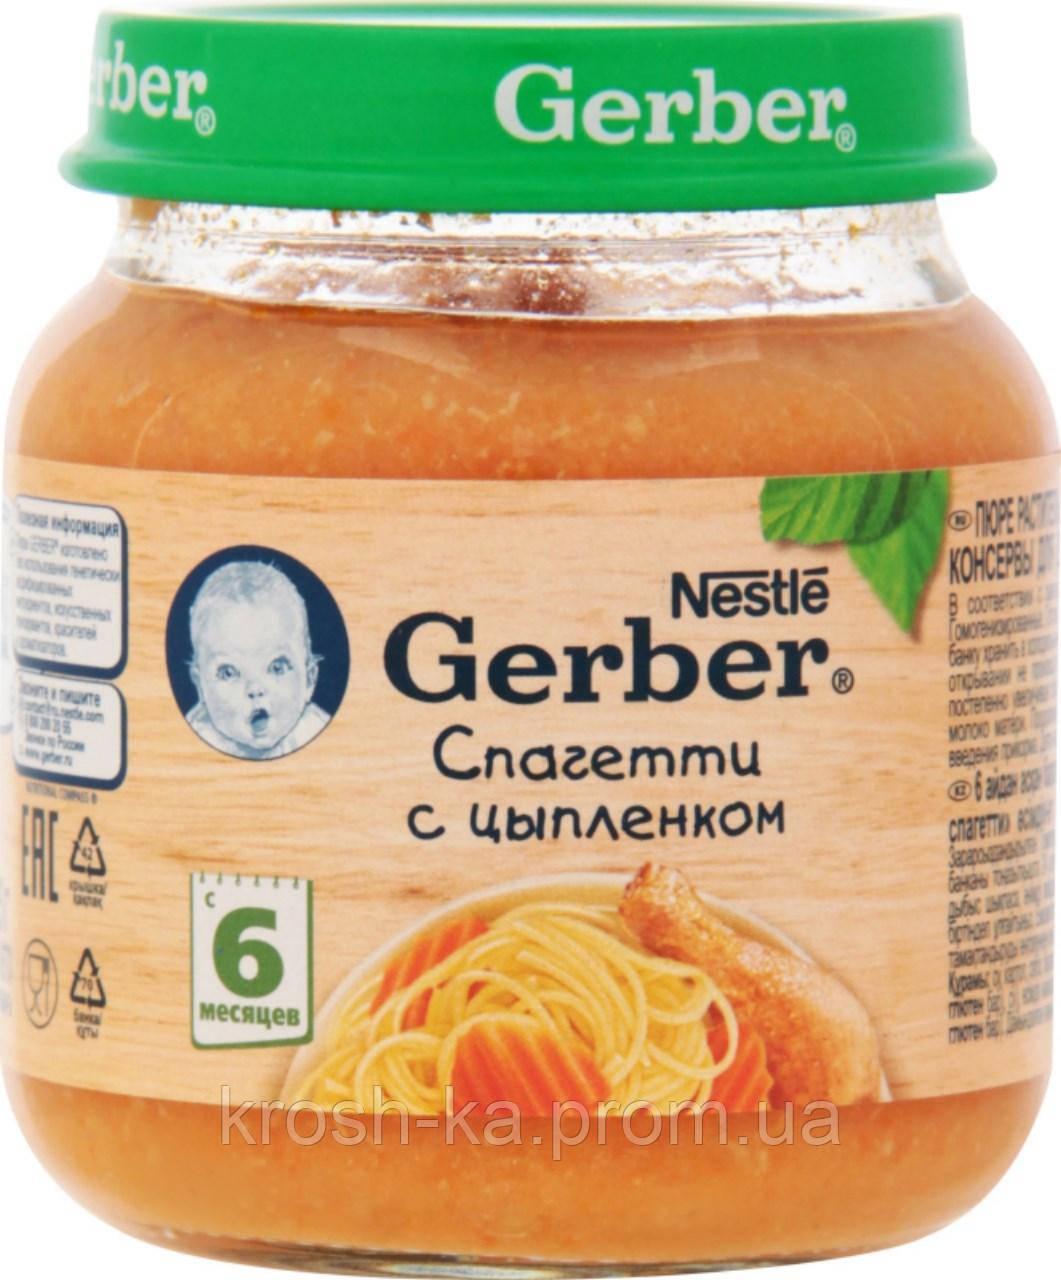 Пюре детское мясное спагетти с цыплёнком 6м+ 125г Gerber Швейцария 1227310